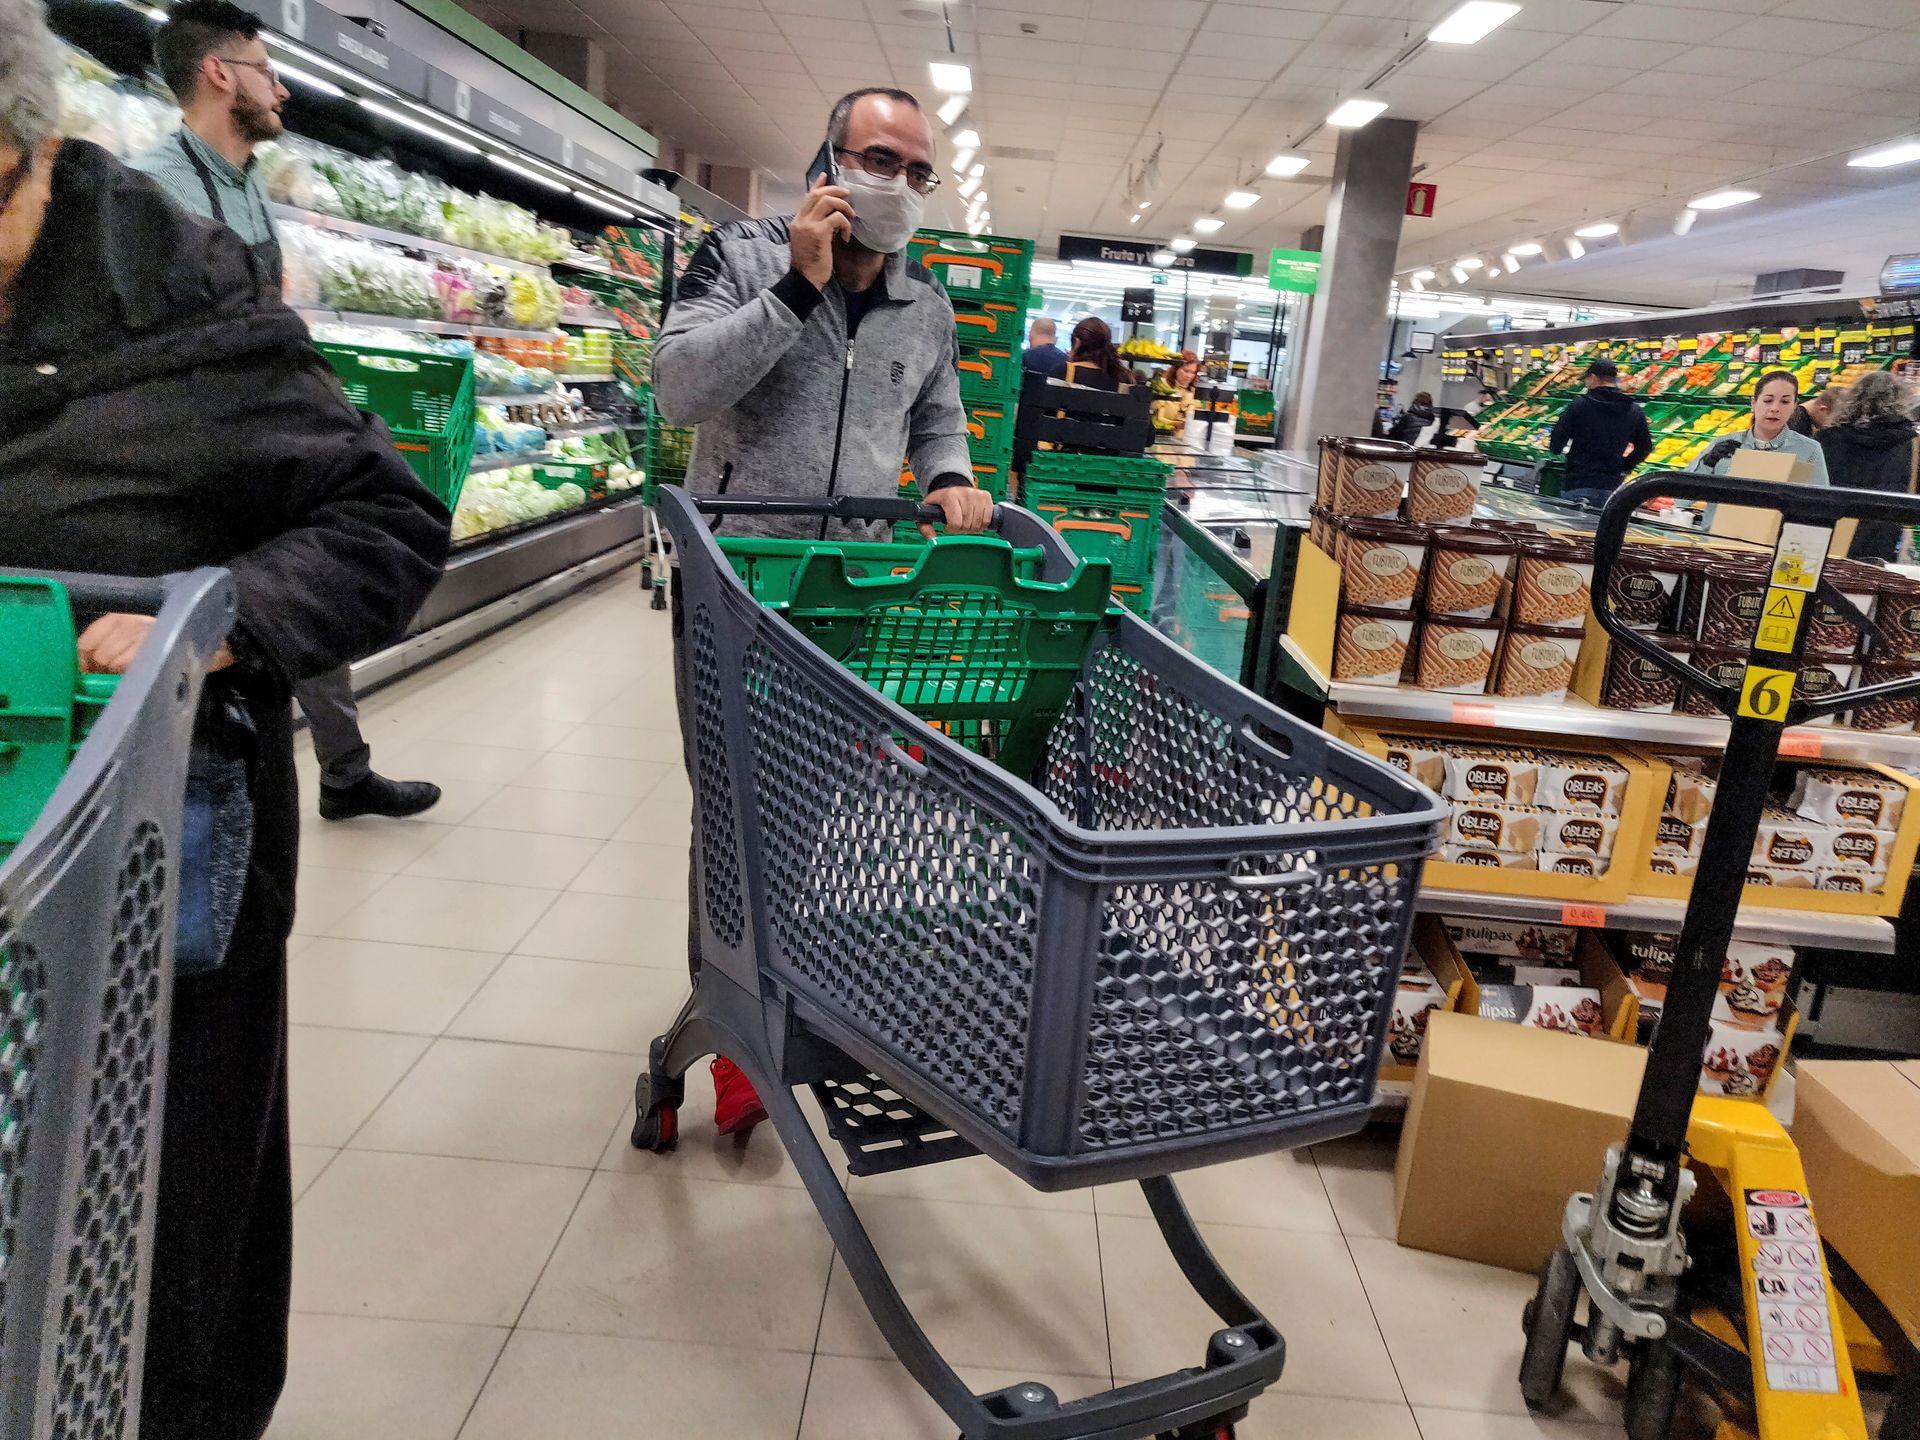 Resultado de imagen de ¿Tengo que seguir limpiando las cosas que vienen del supermercado?